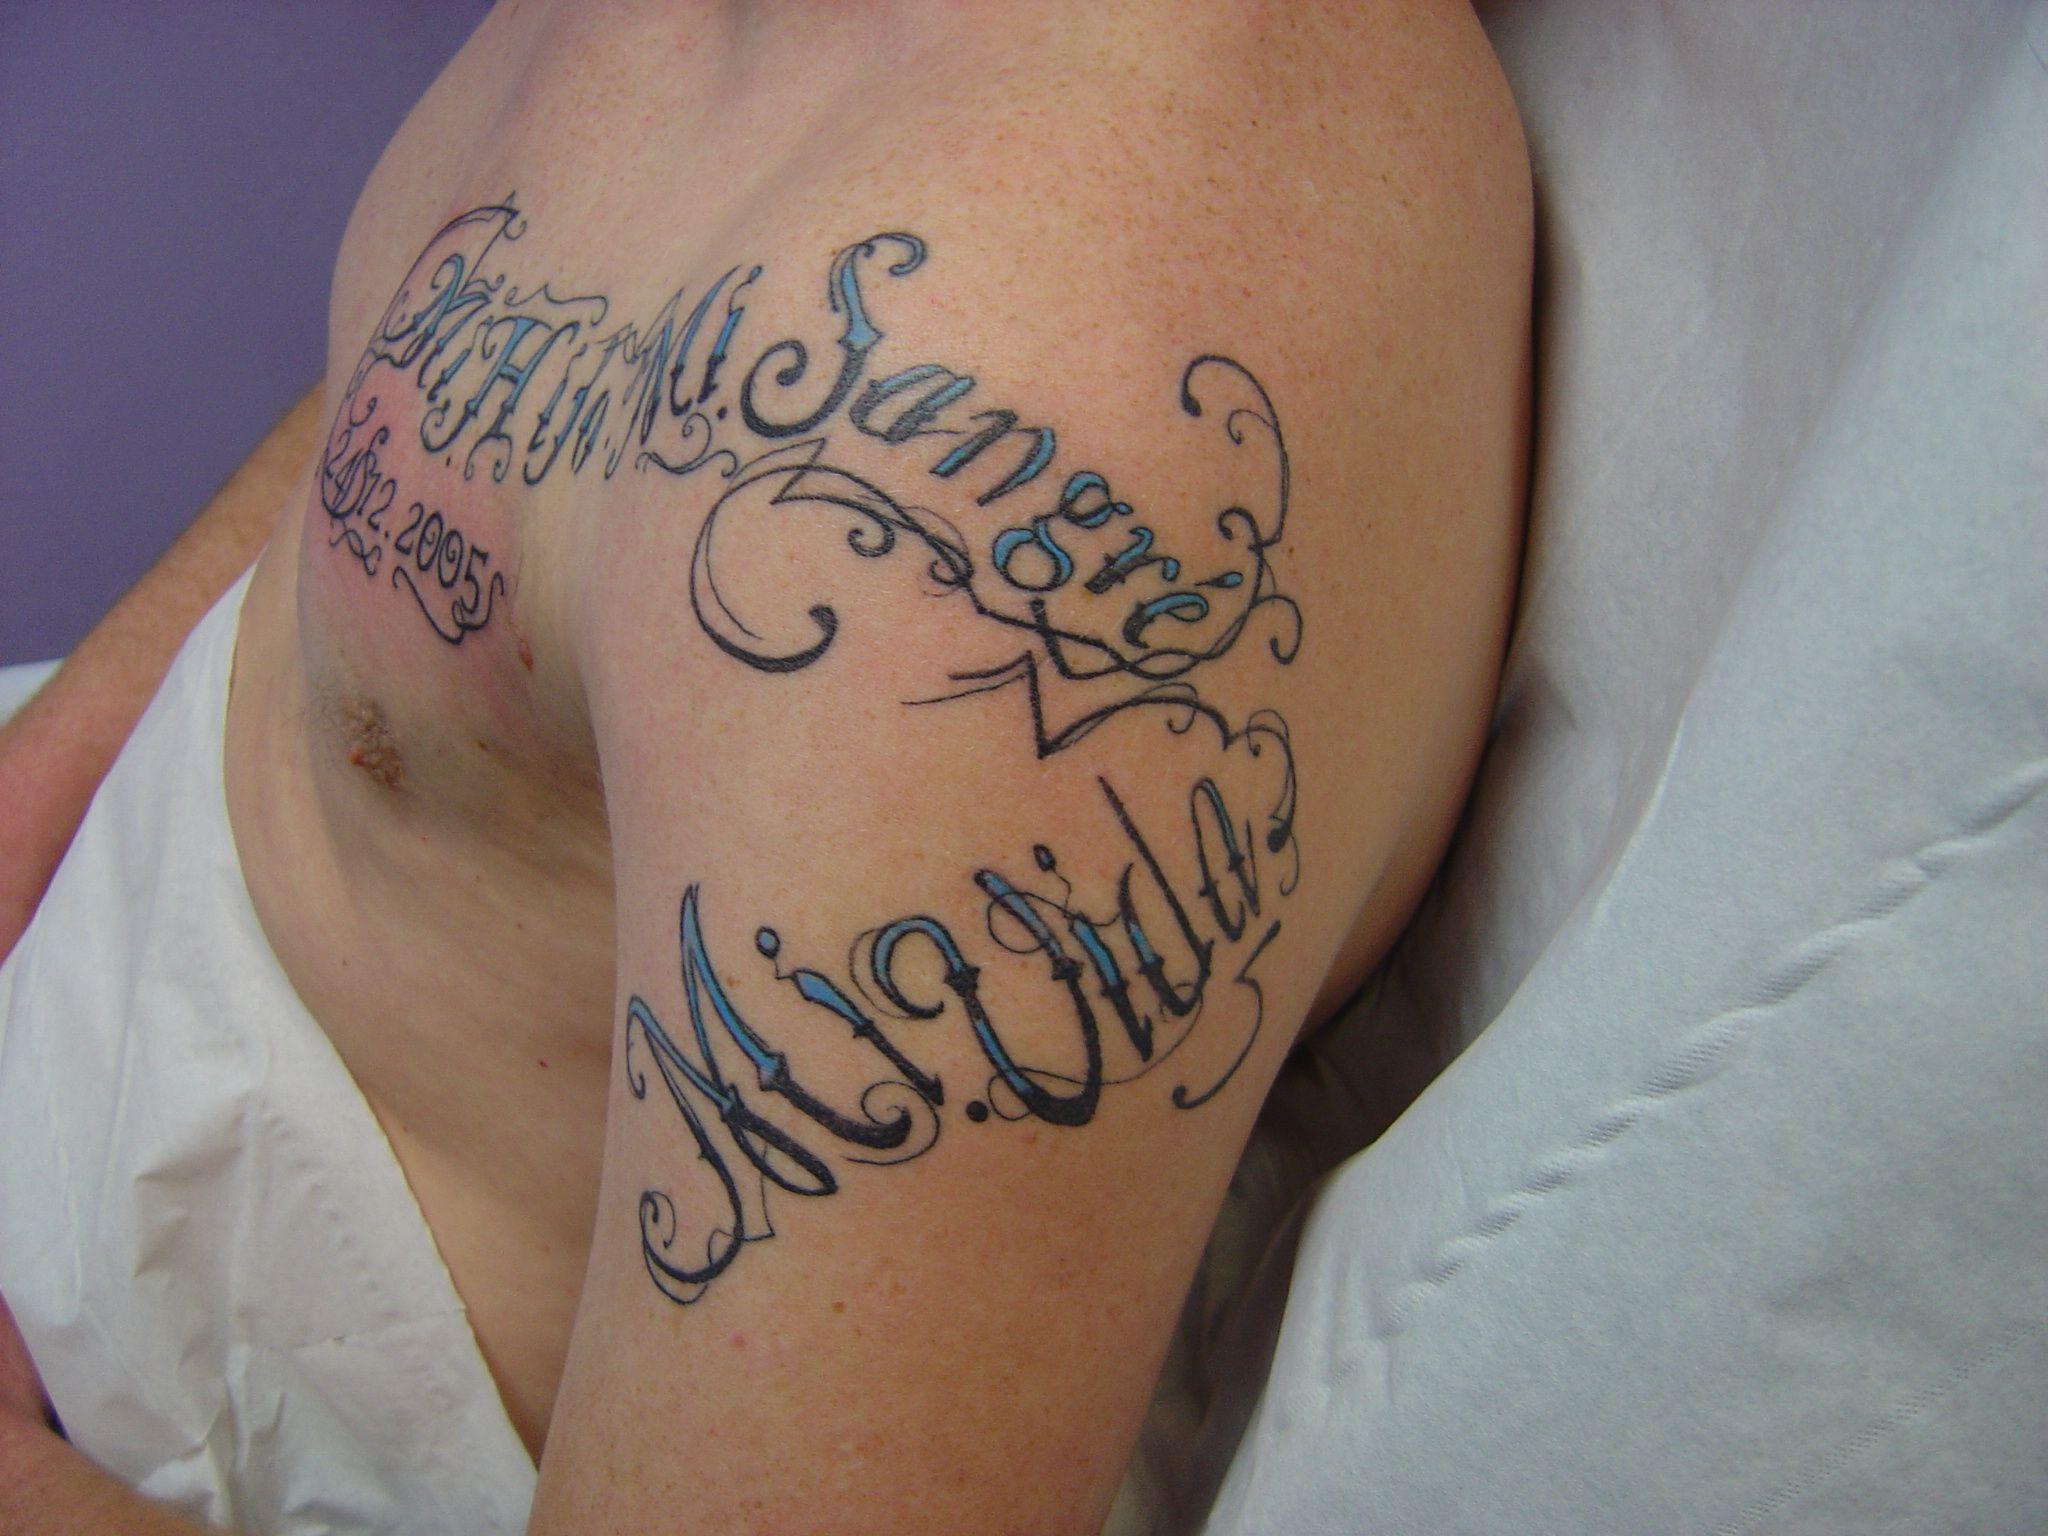 Tatouage ecriture elfique prenom galerie tatouage - Tatouage ecriture arabe ...